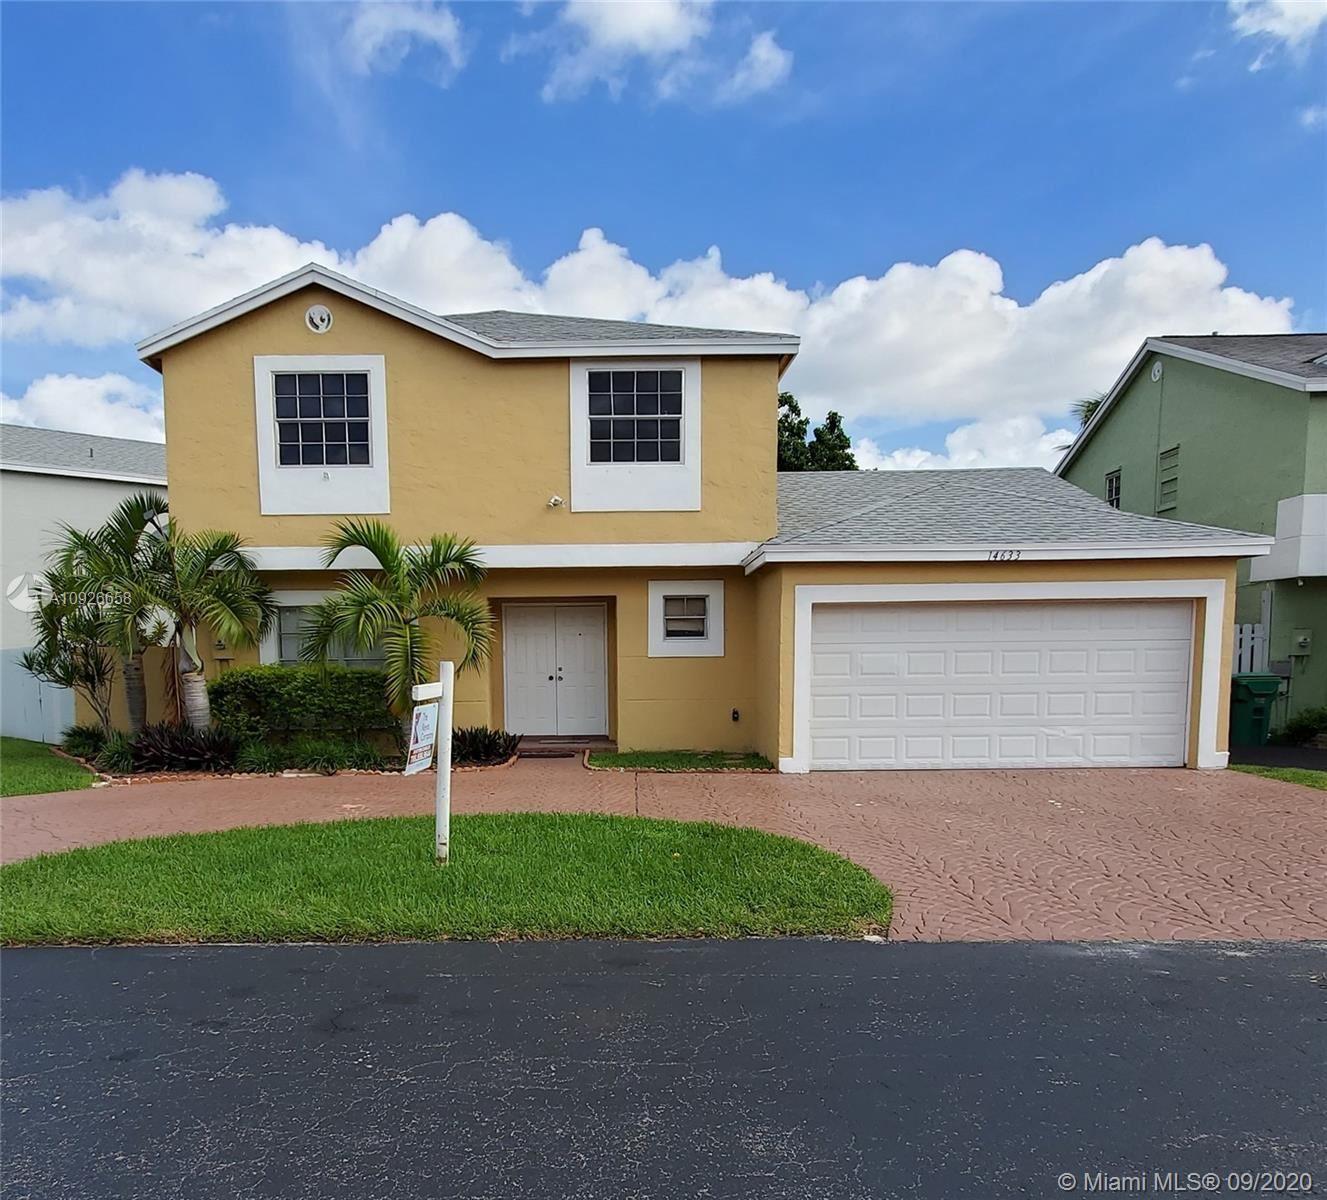 14633 SW 95th Ln, Miami, FL 33186 - #: A10926658